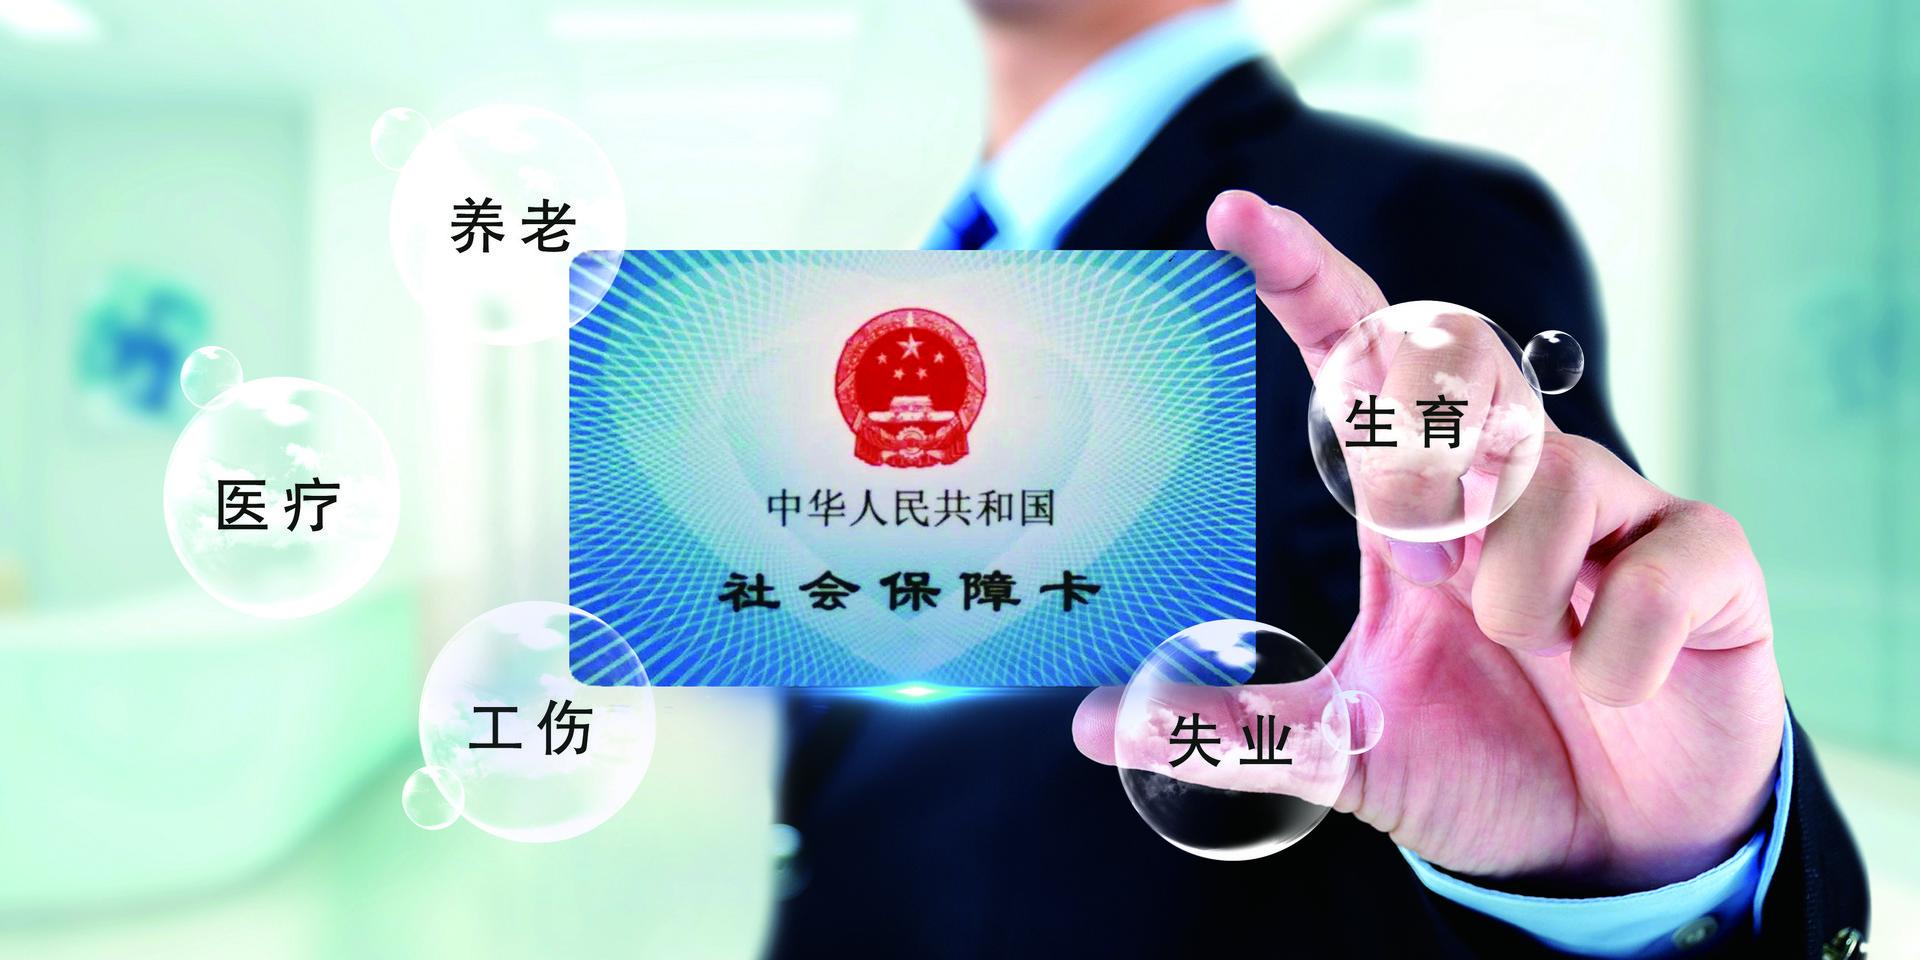 在深圳快递员辞职了,社保断缴怎么办?